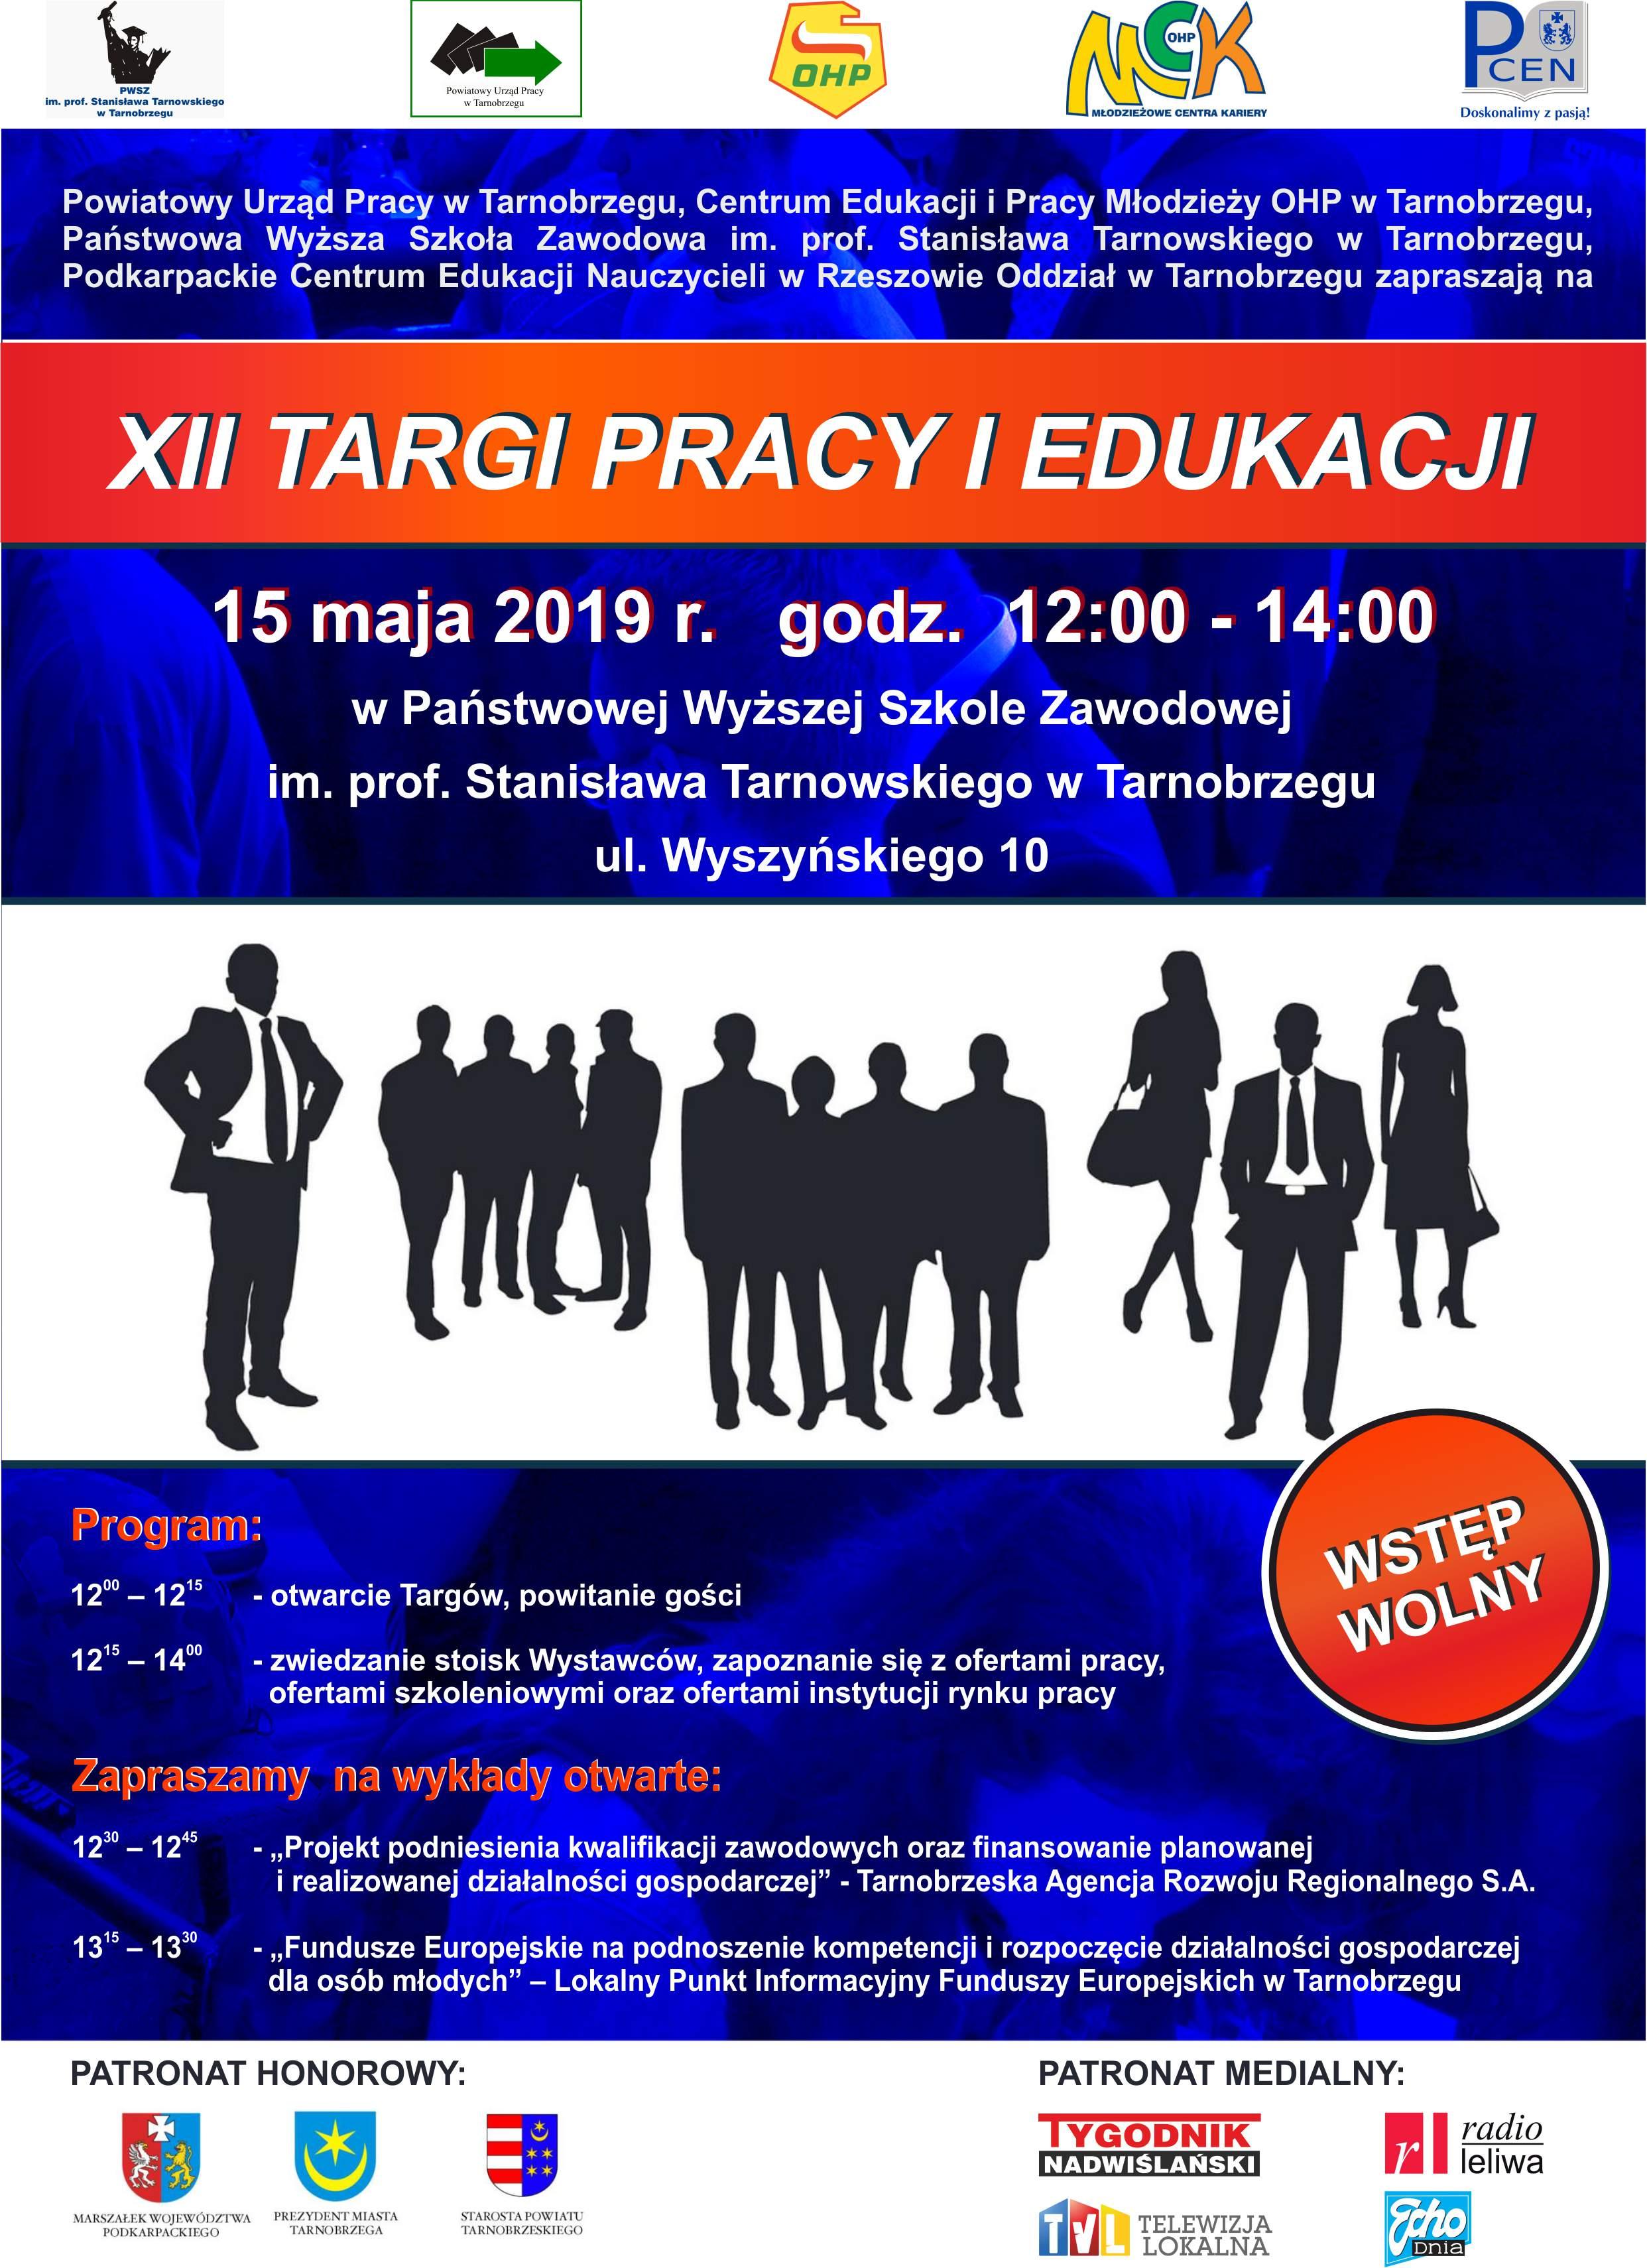 XII Targi Pracy i Edukacji. 15 maja PWSZ Tarnobrzeg.